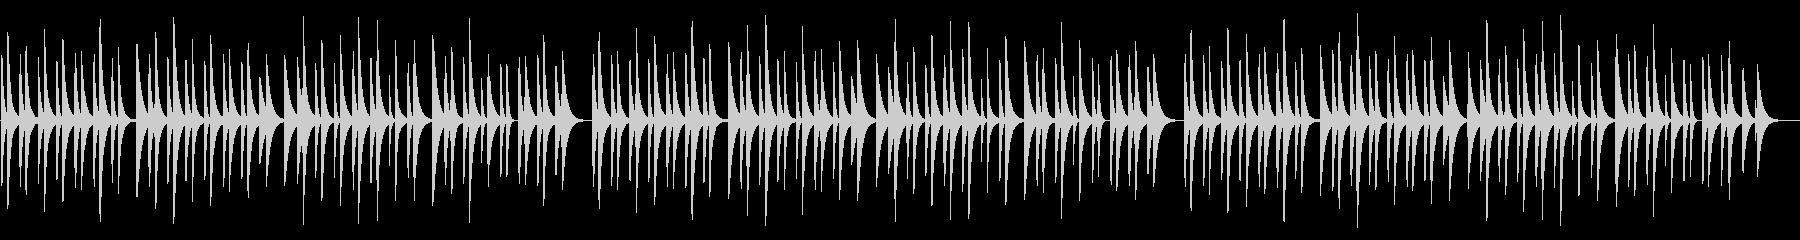 仰げば尊し 18弁オルゴールの未再生の波形